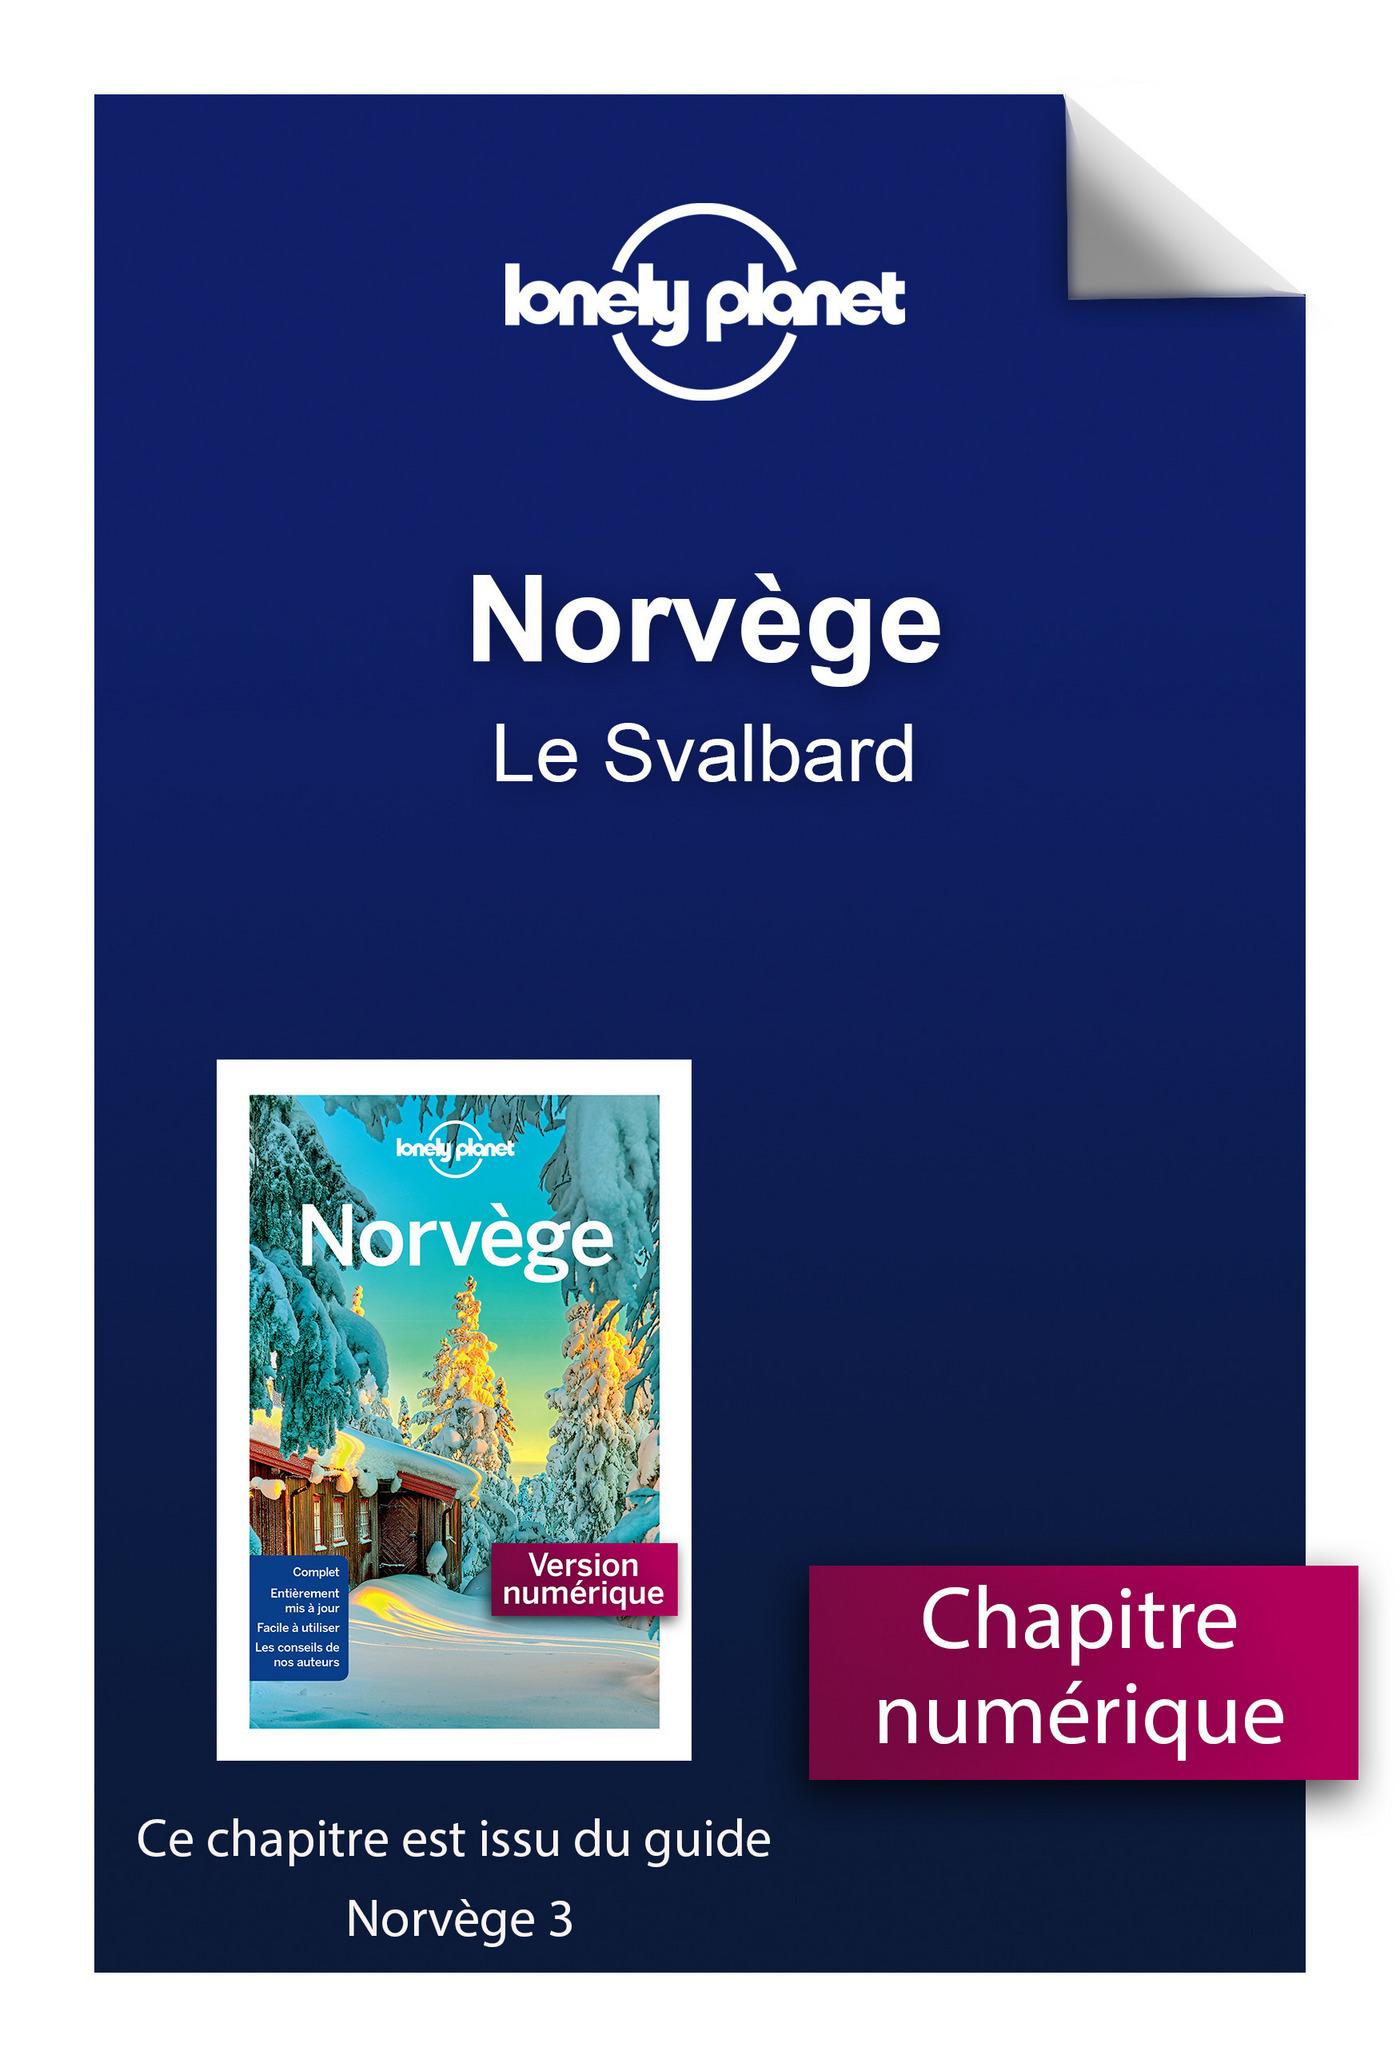 Norvège 3 - Le Svalbard